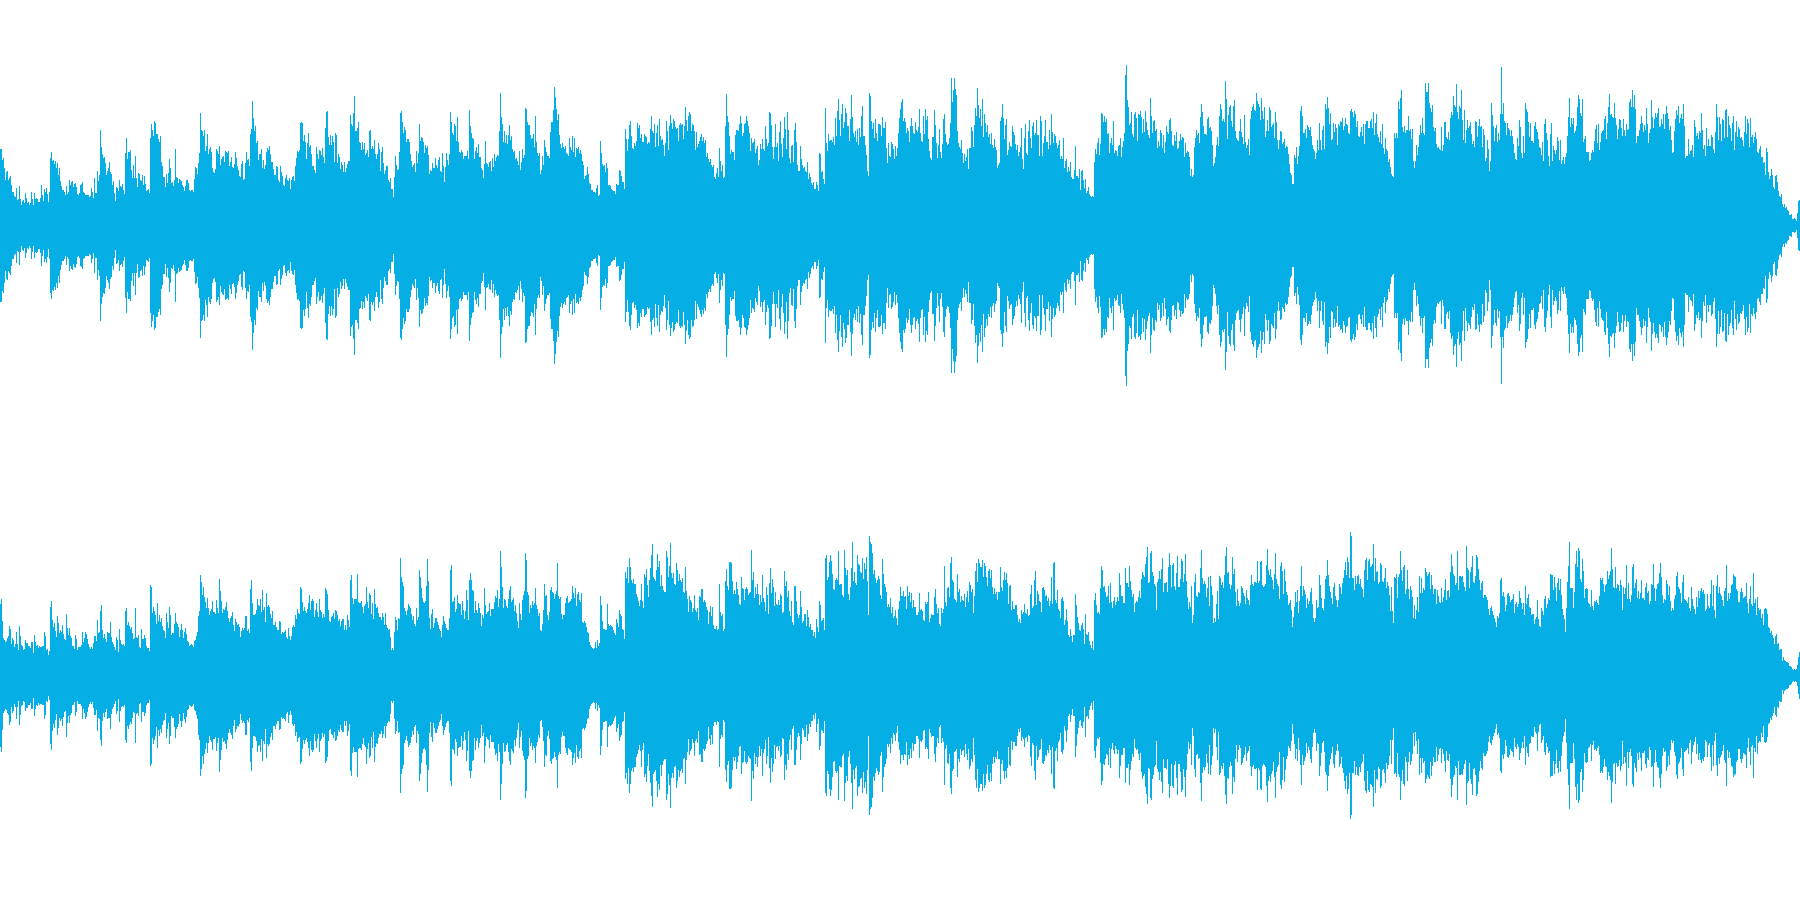 優しいケルト曲(ループ)の再生済みの波形